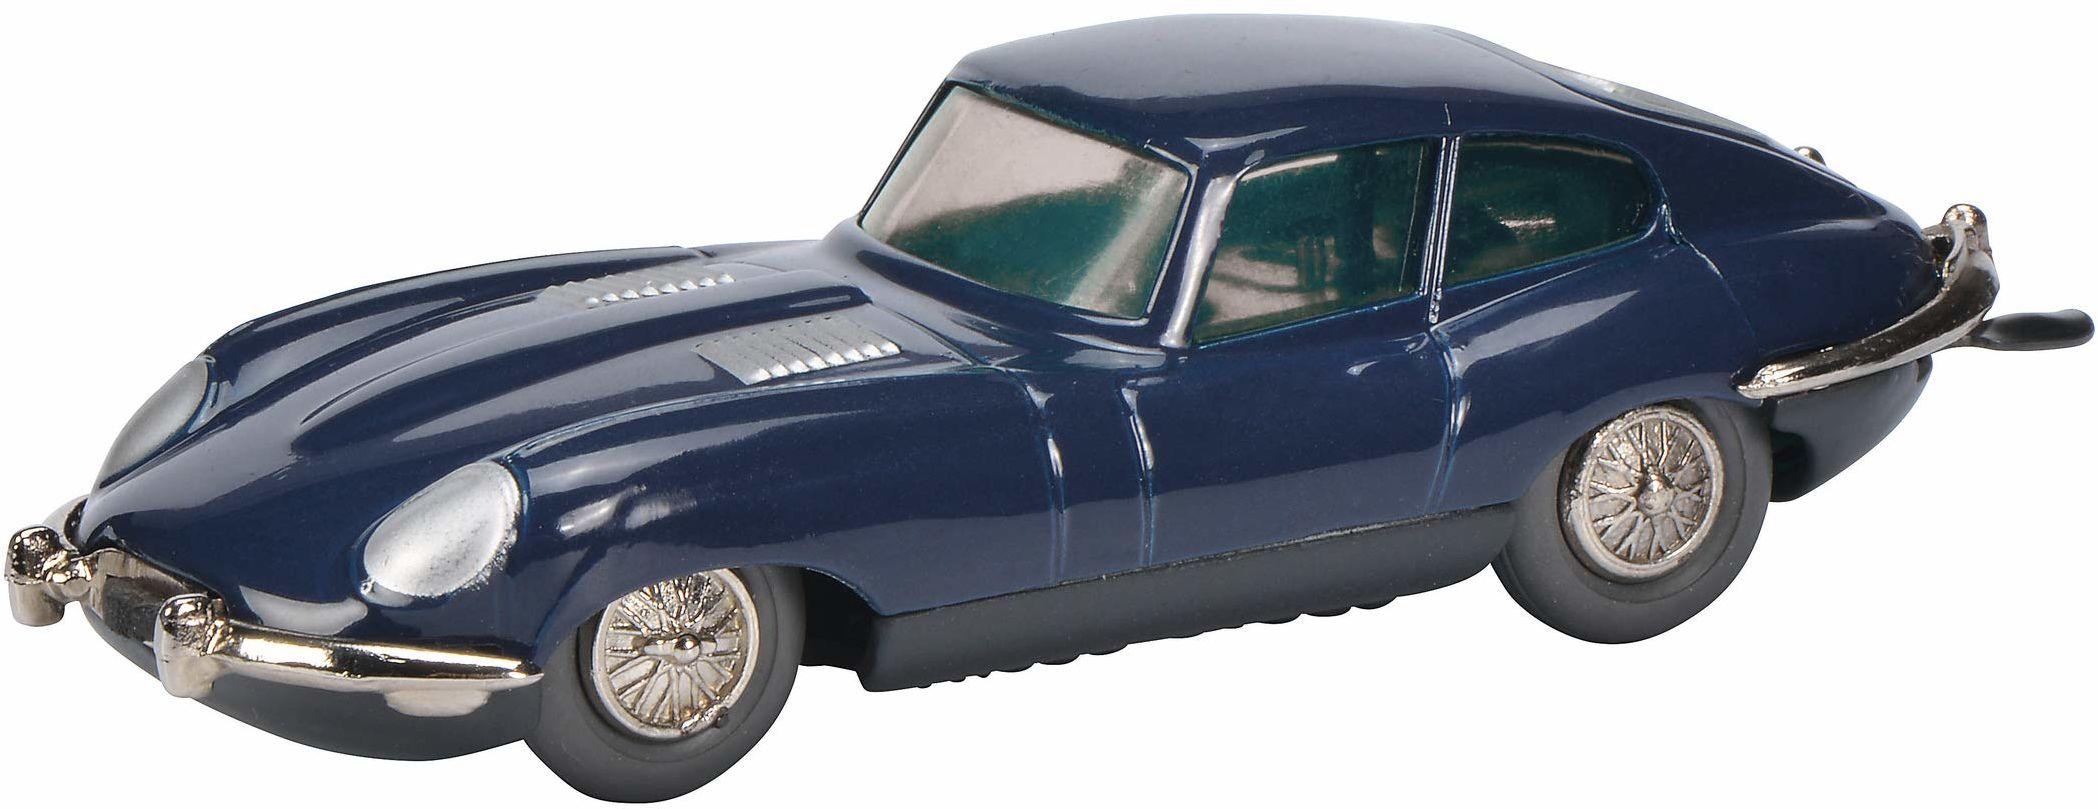 Schuco 450195500 Micro Racer Jaguar model E samochód odlewany ciśnieniowo edycja limitowana ciemnoniebieski